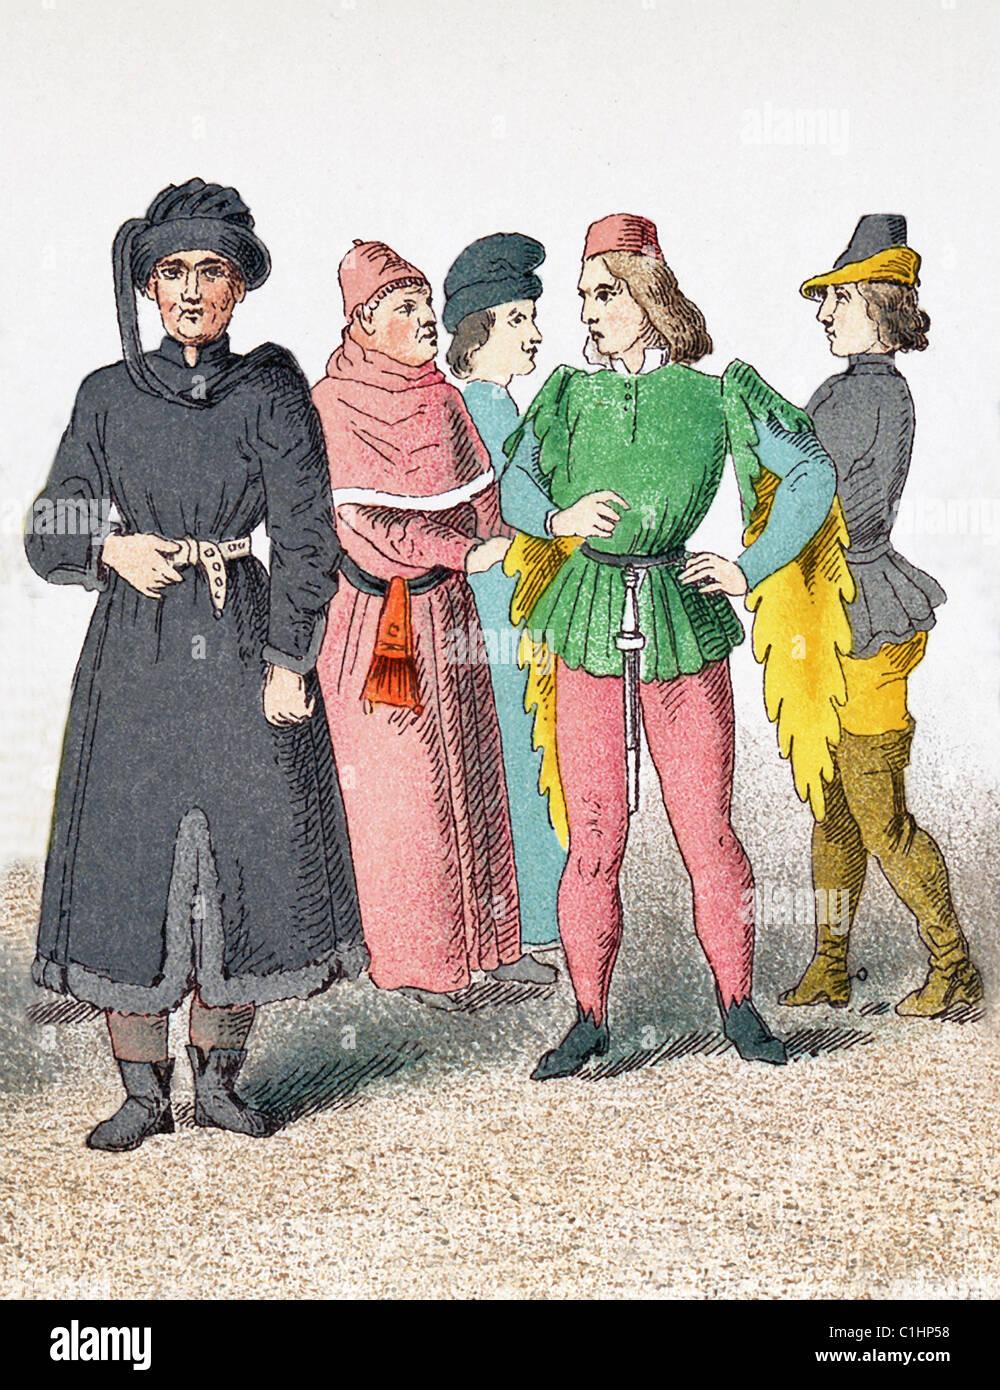 Las figuras representadas son los franceses alrededor de A.D. 1400. Ellos son: el hombre de aprendizaje (scholar), ciudadano, página, ciudadano, el Herald. Foto de stock